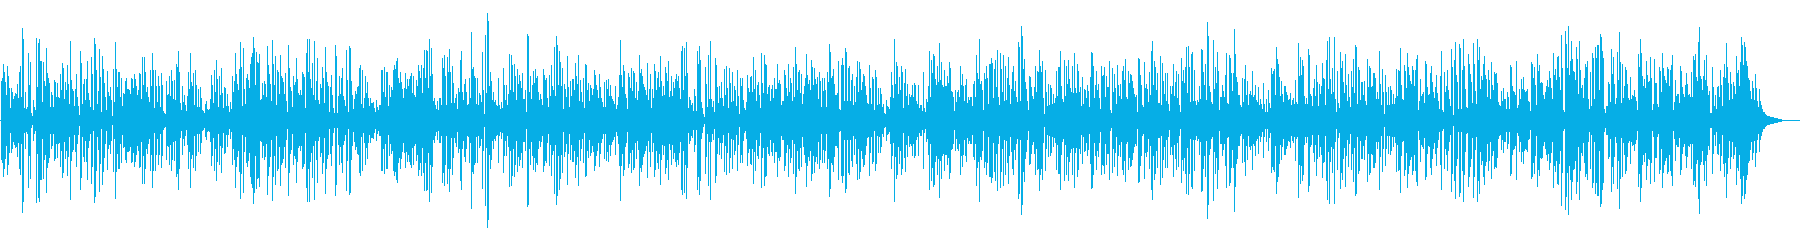 カフェジャズBGM|配信・映像・イベントの再生済みの波形